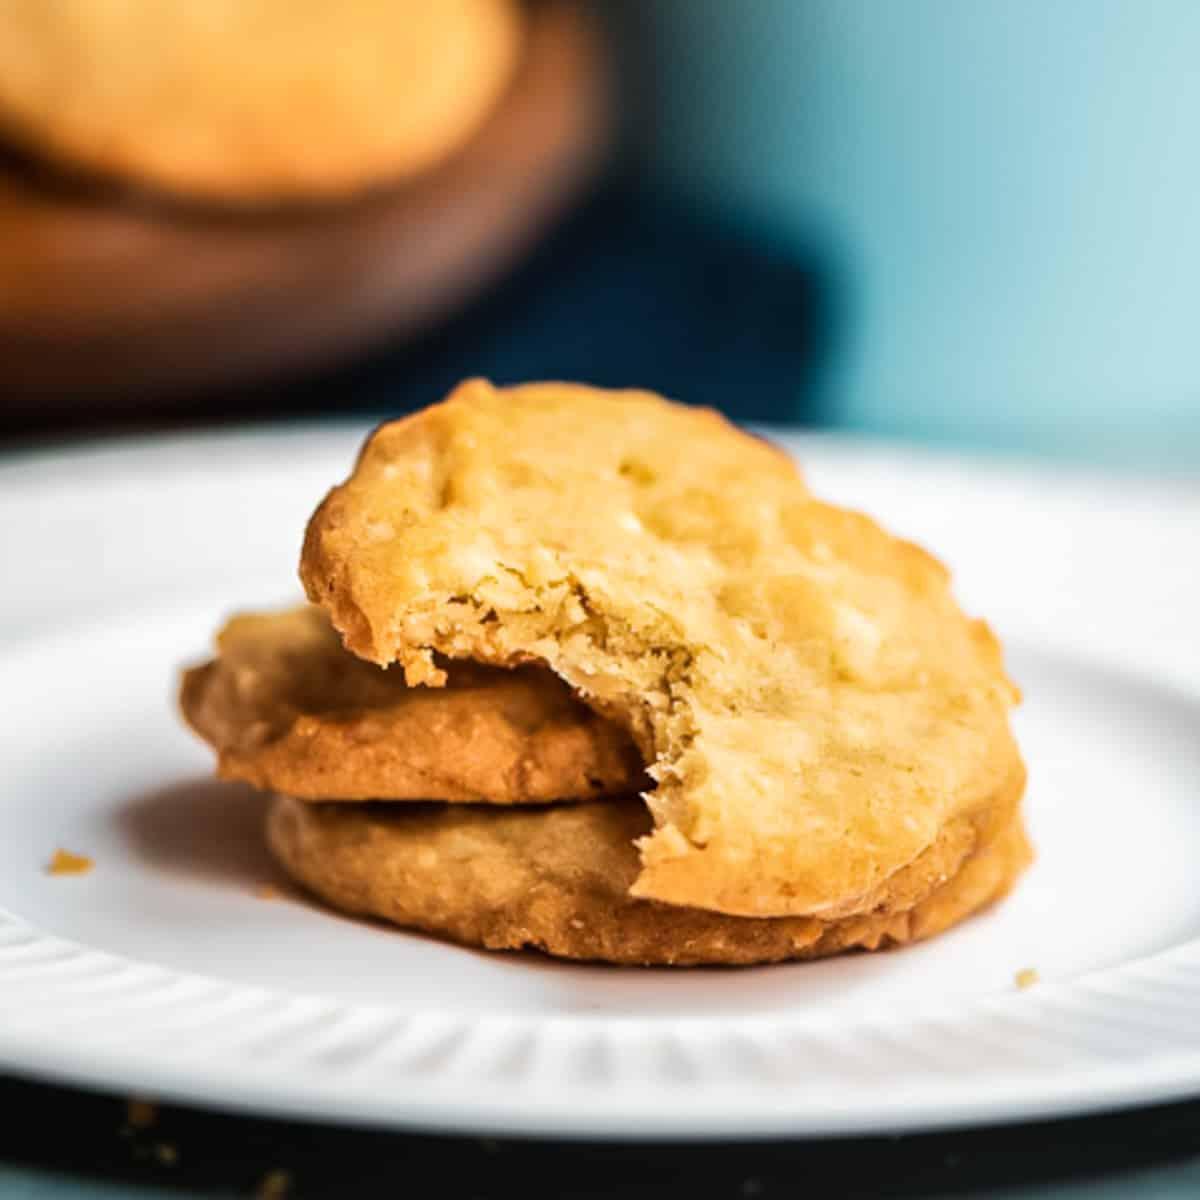 drei Macadamia Cookies mit weißer Schokolade auf einem weißen Teller, der oberste Keks angebissen